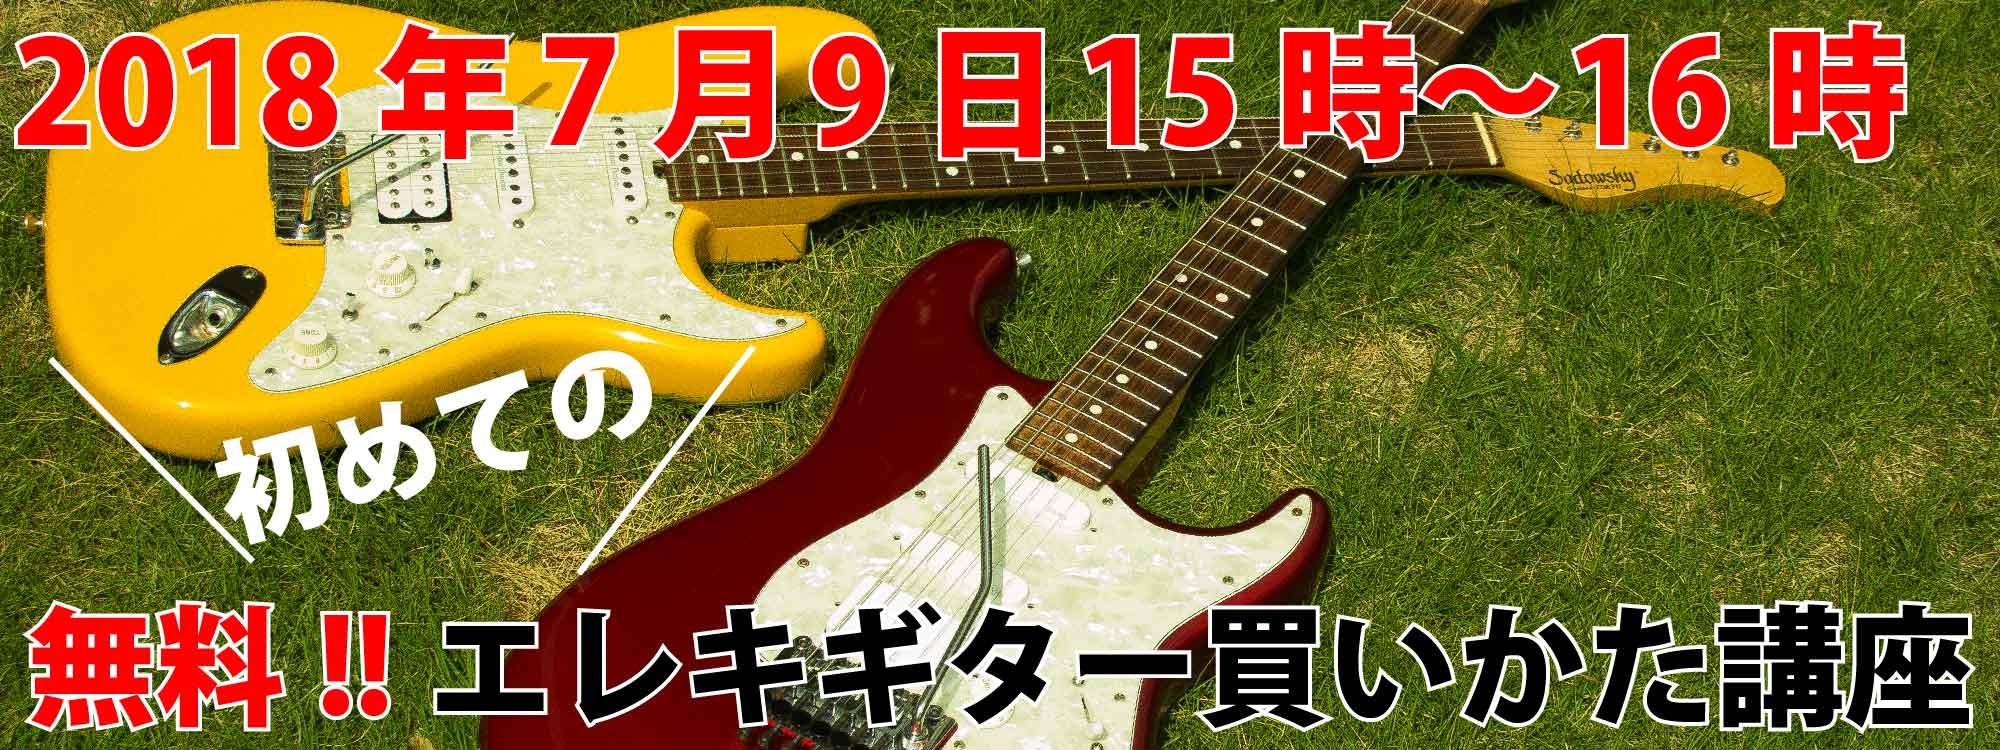 無料!!初めてのエレキギター買いかた講座(2018年7月9日(15~16時))